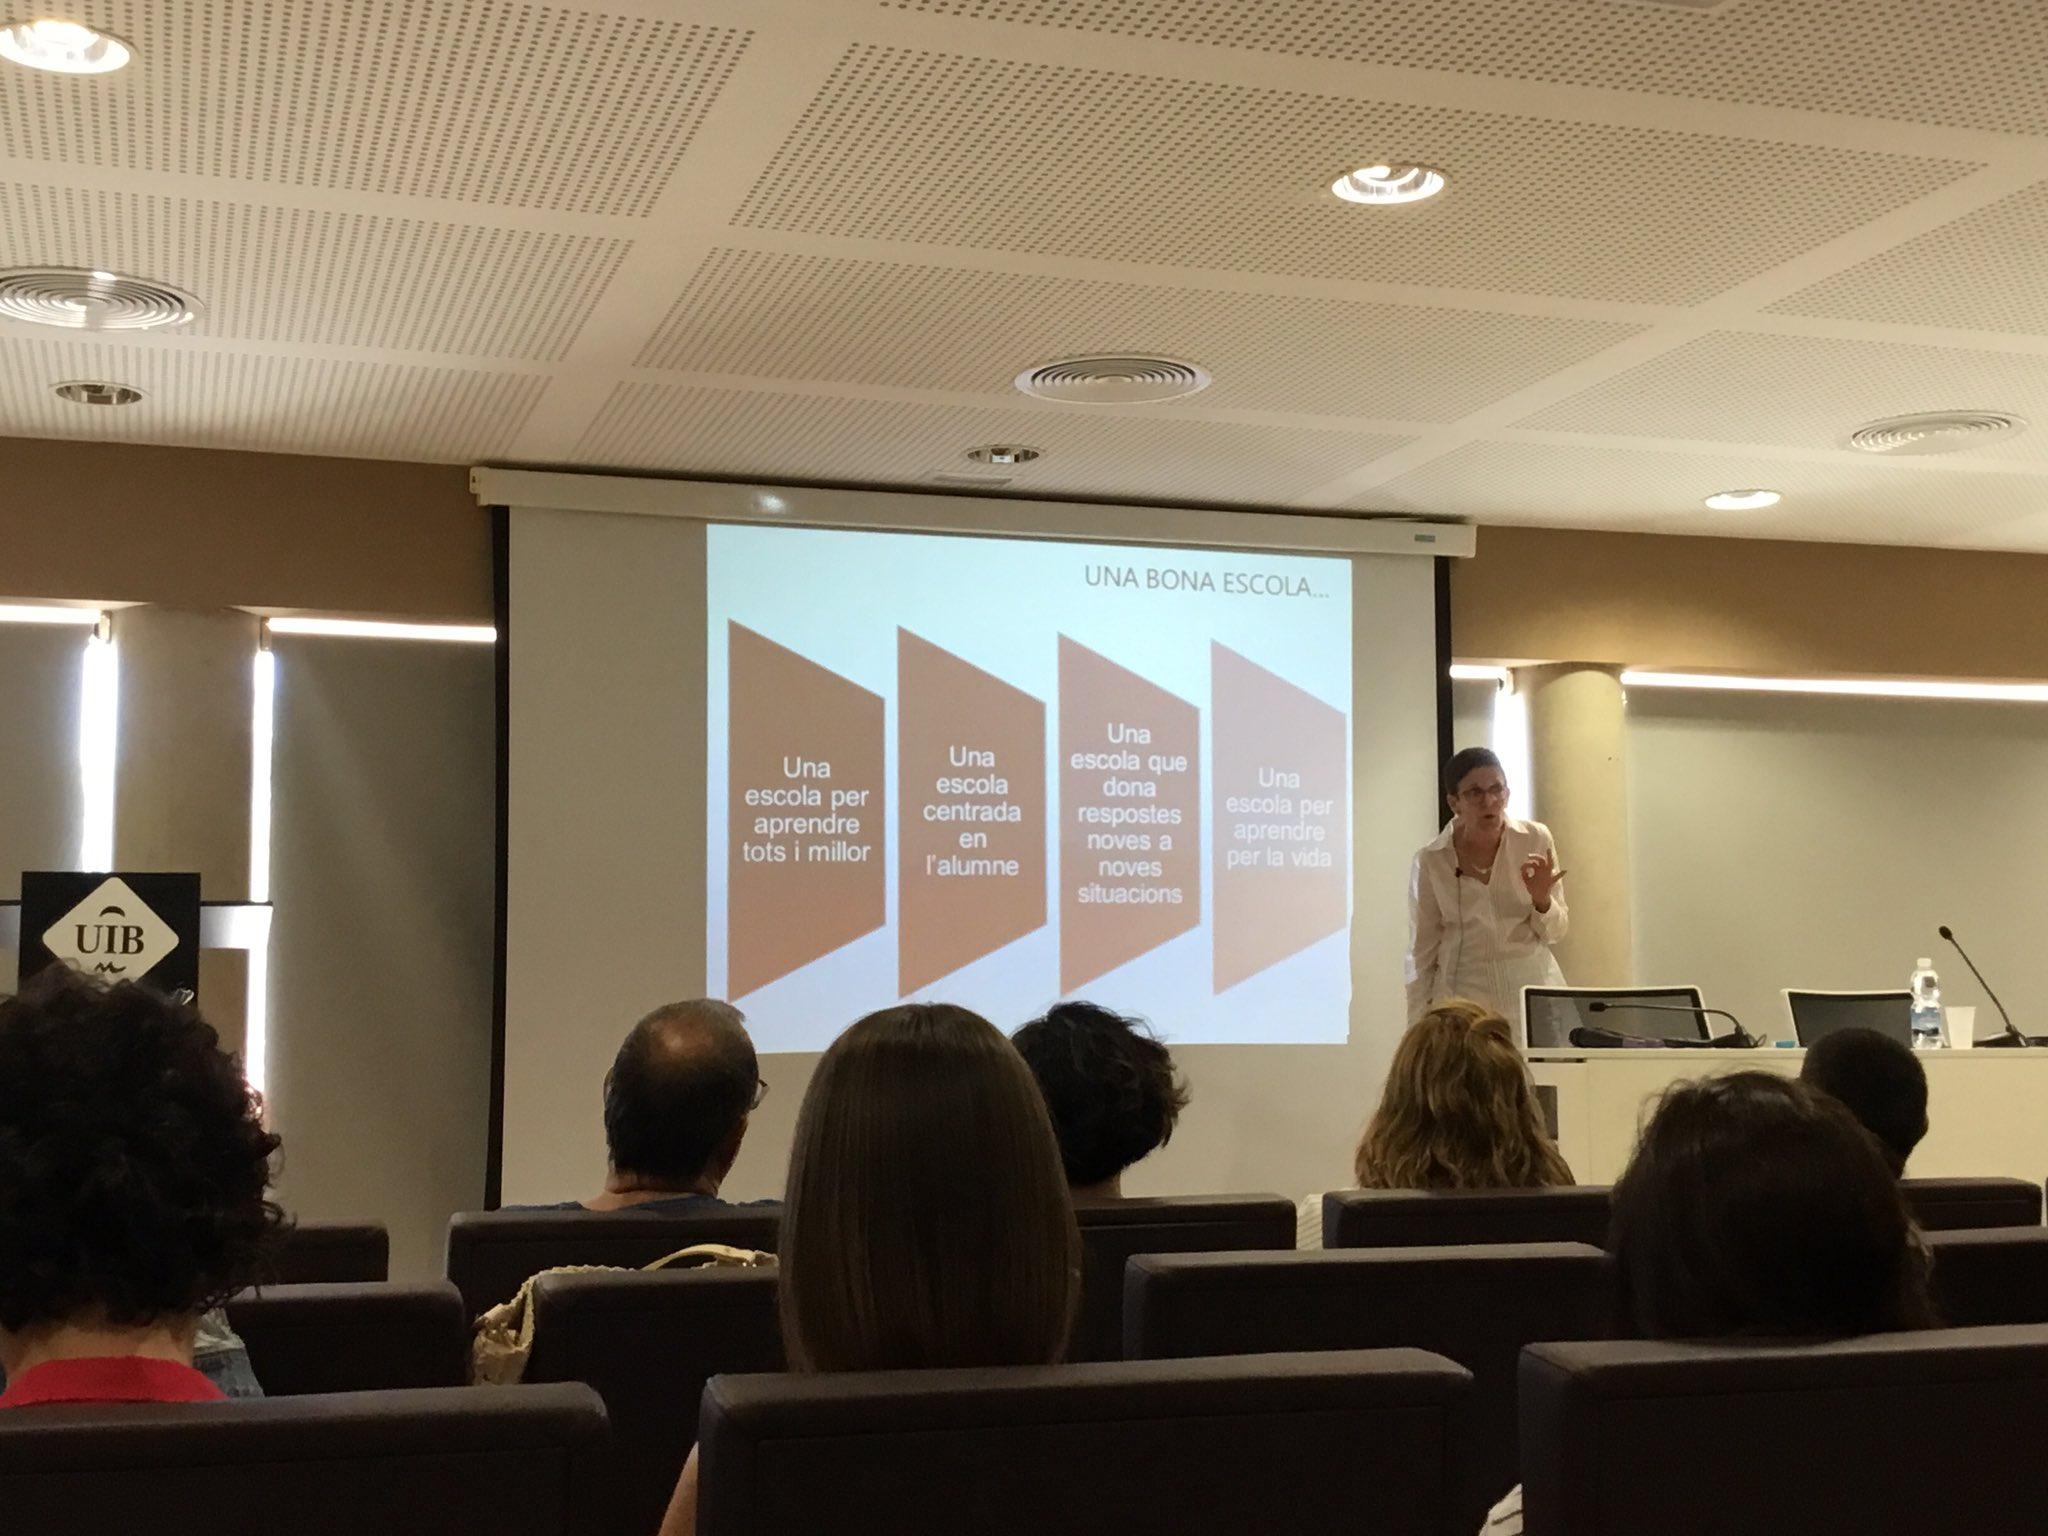 La clau d'una bona escola segons @coralregi a Compartim experiències #compartimeivissa https://t.co/QjckJRLCc0